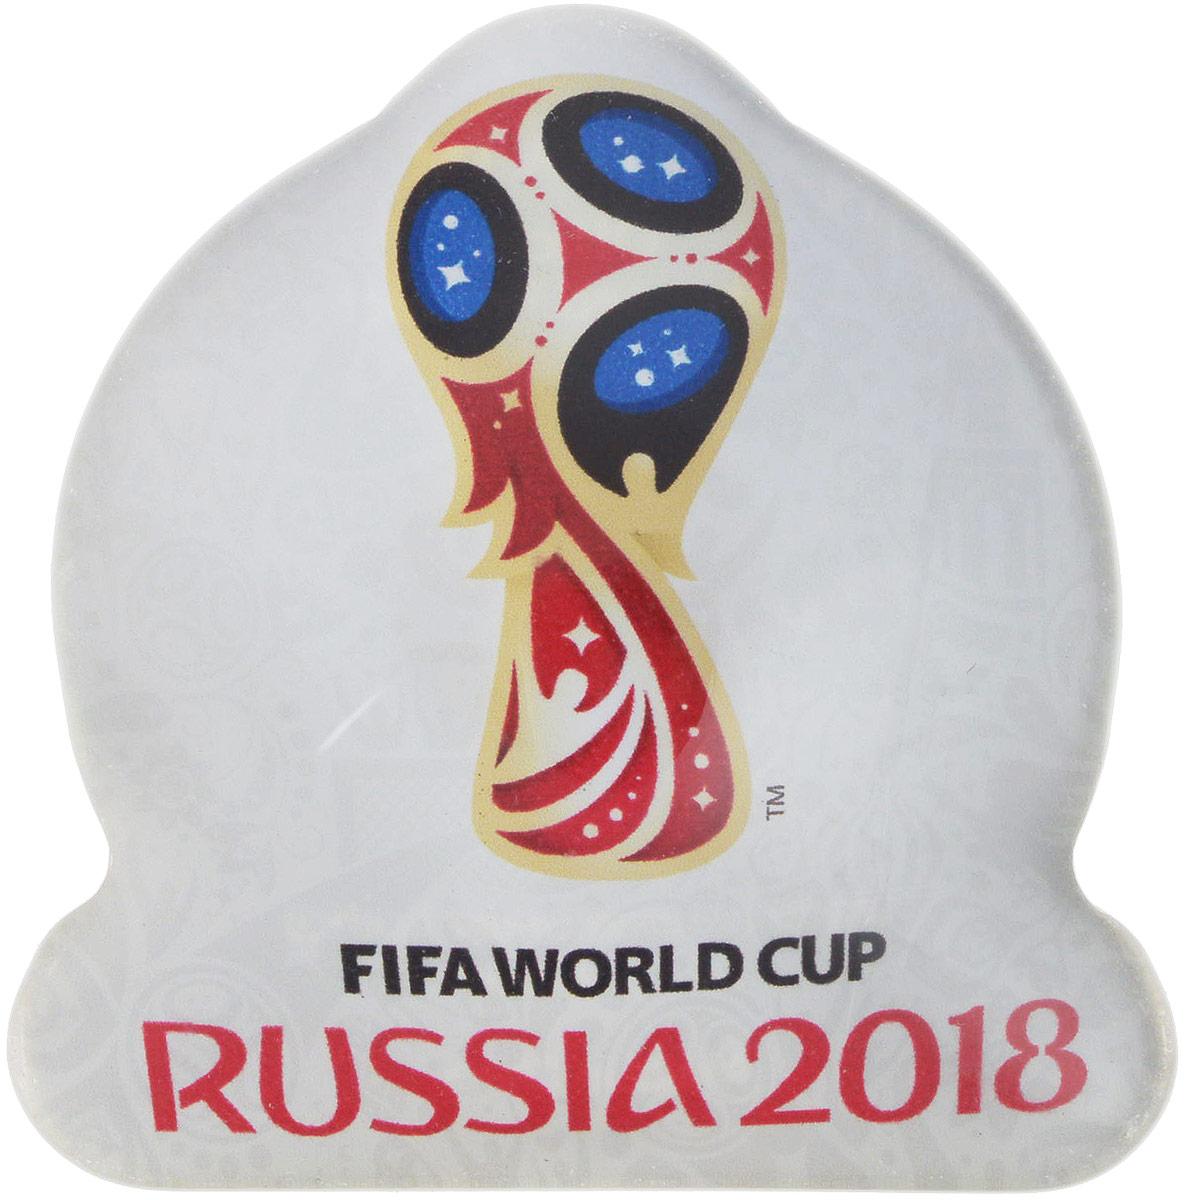 Магнит сувенирный FIFA 2018 Кубок, 5 х 5 см. СН029 магнит сувенирный fifa 2018 кубок 6 х 13 см сн538